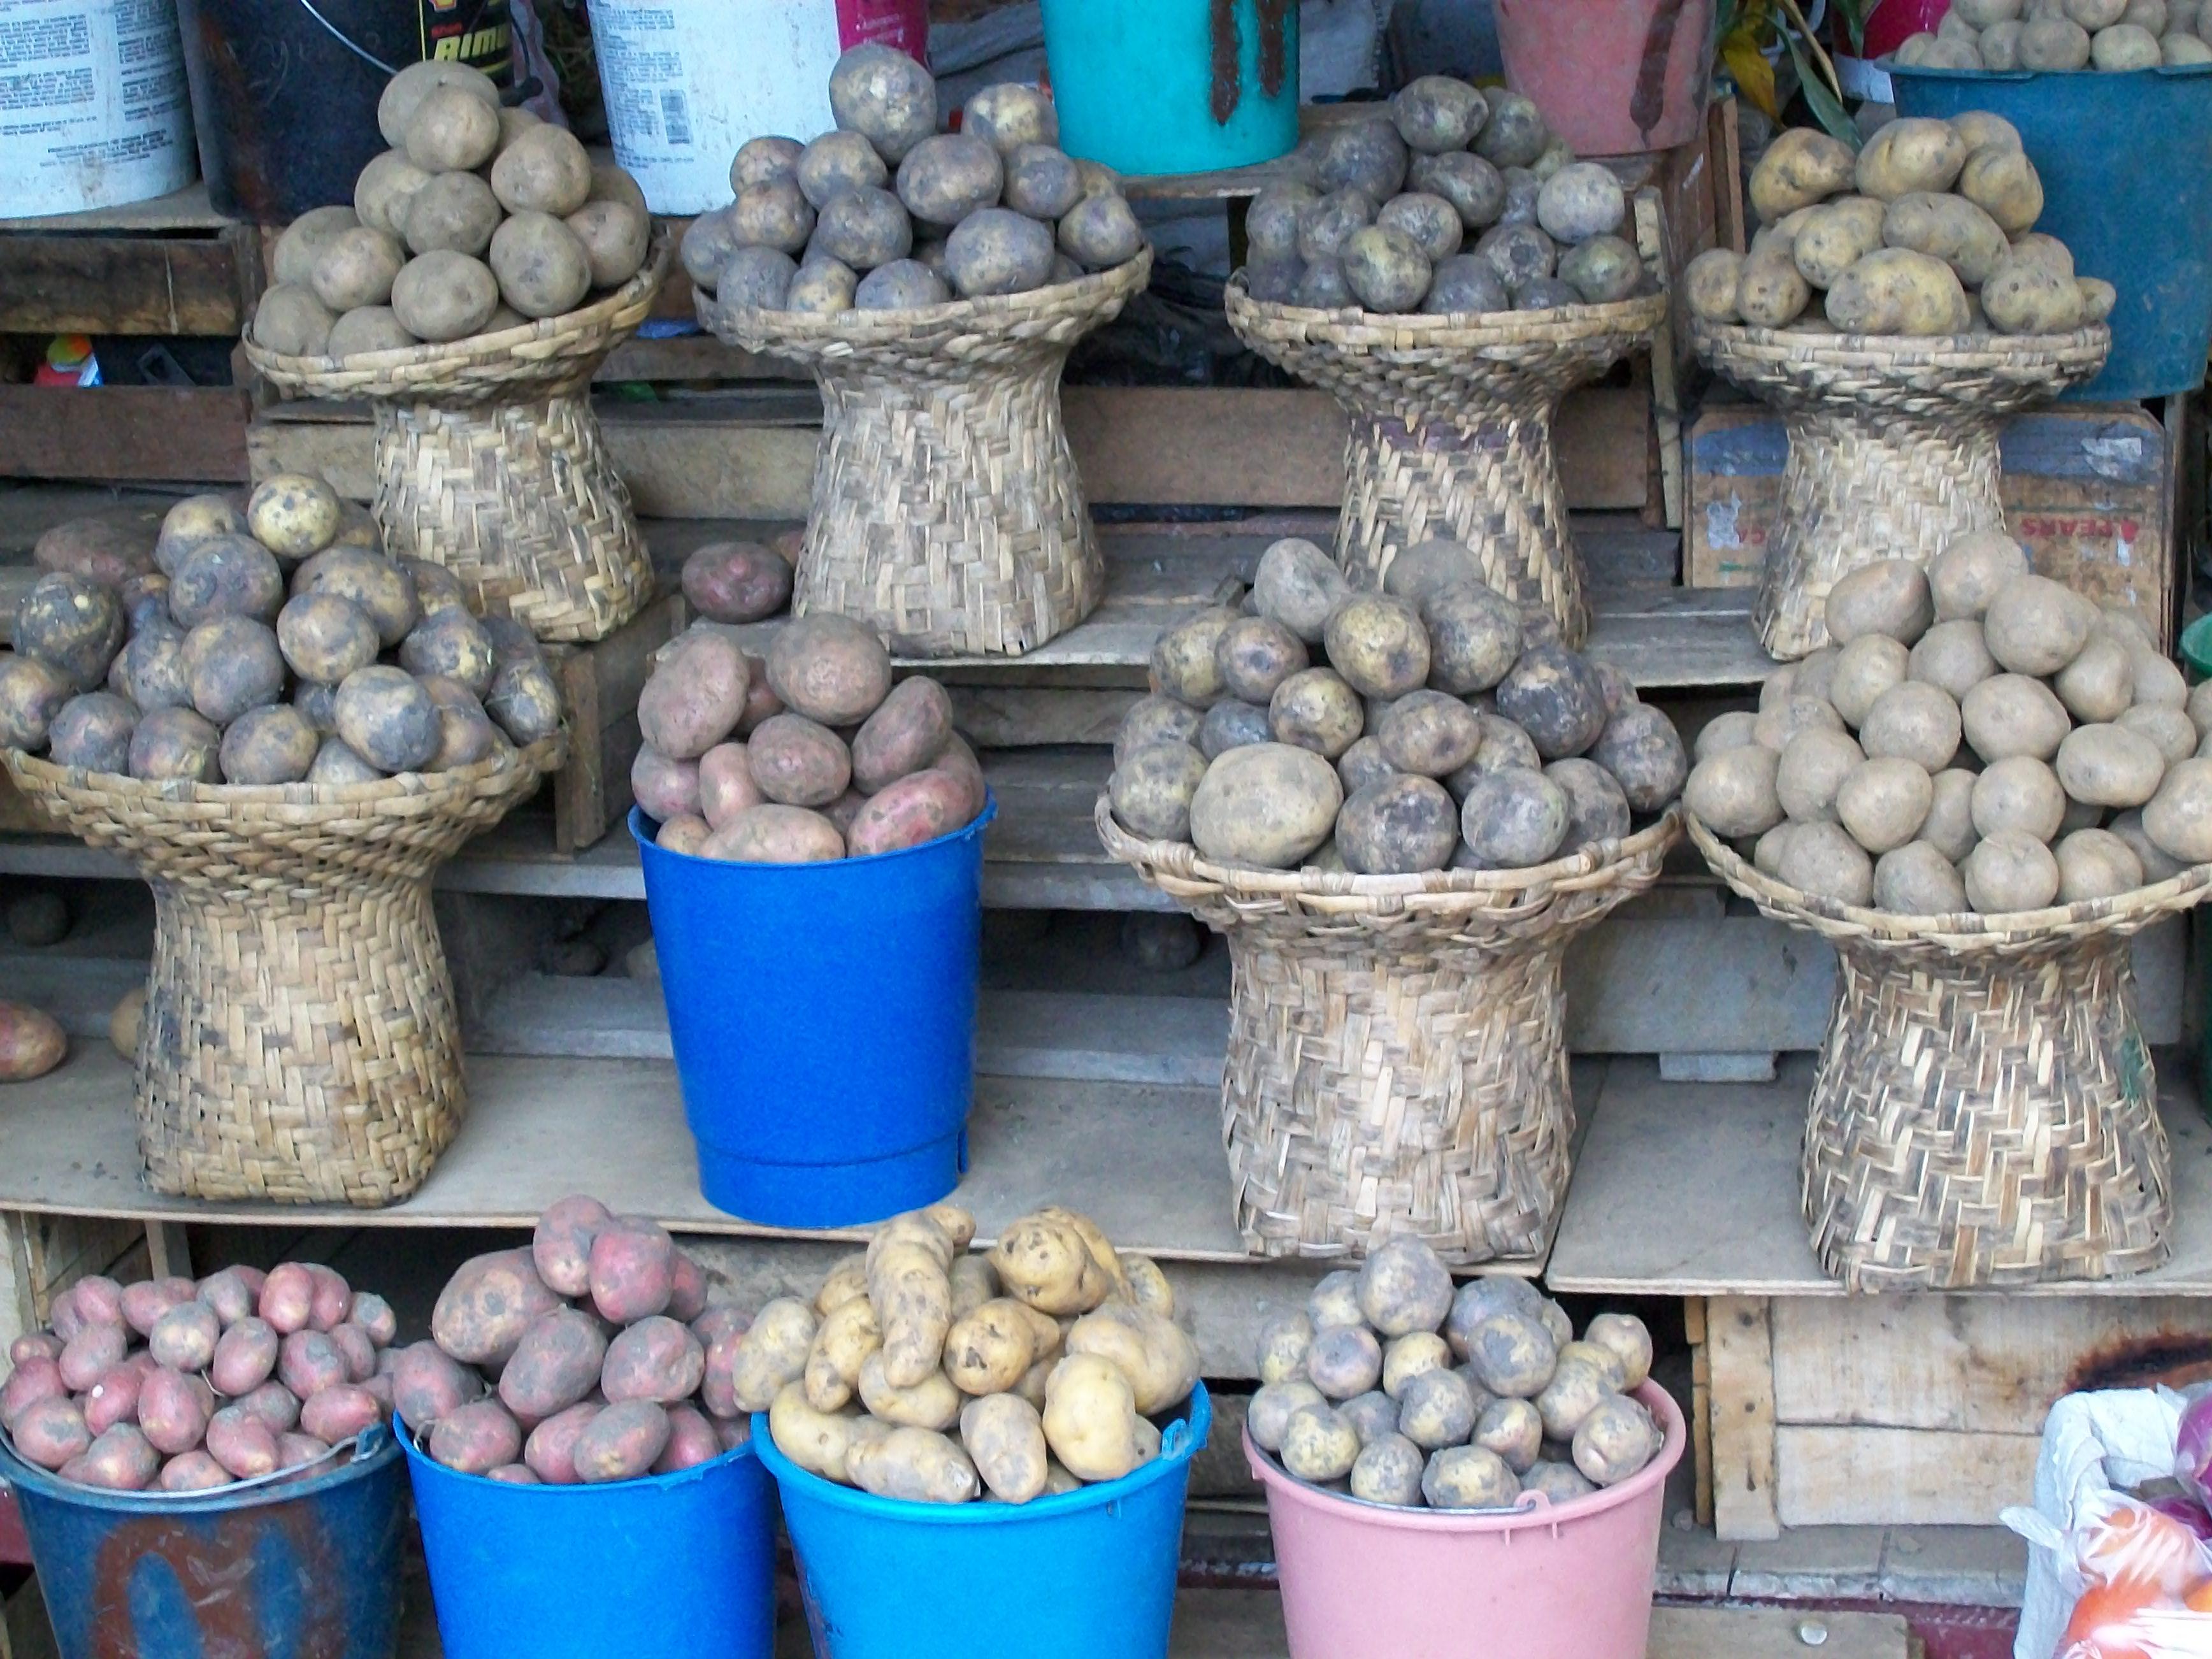 Anni_Privat_unterschiedliche Kartoffeln